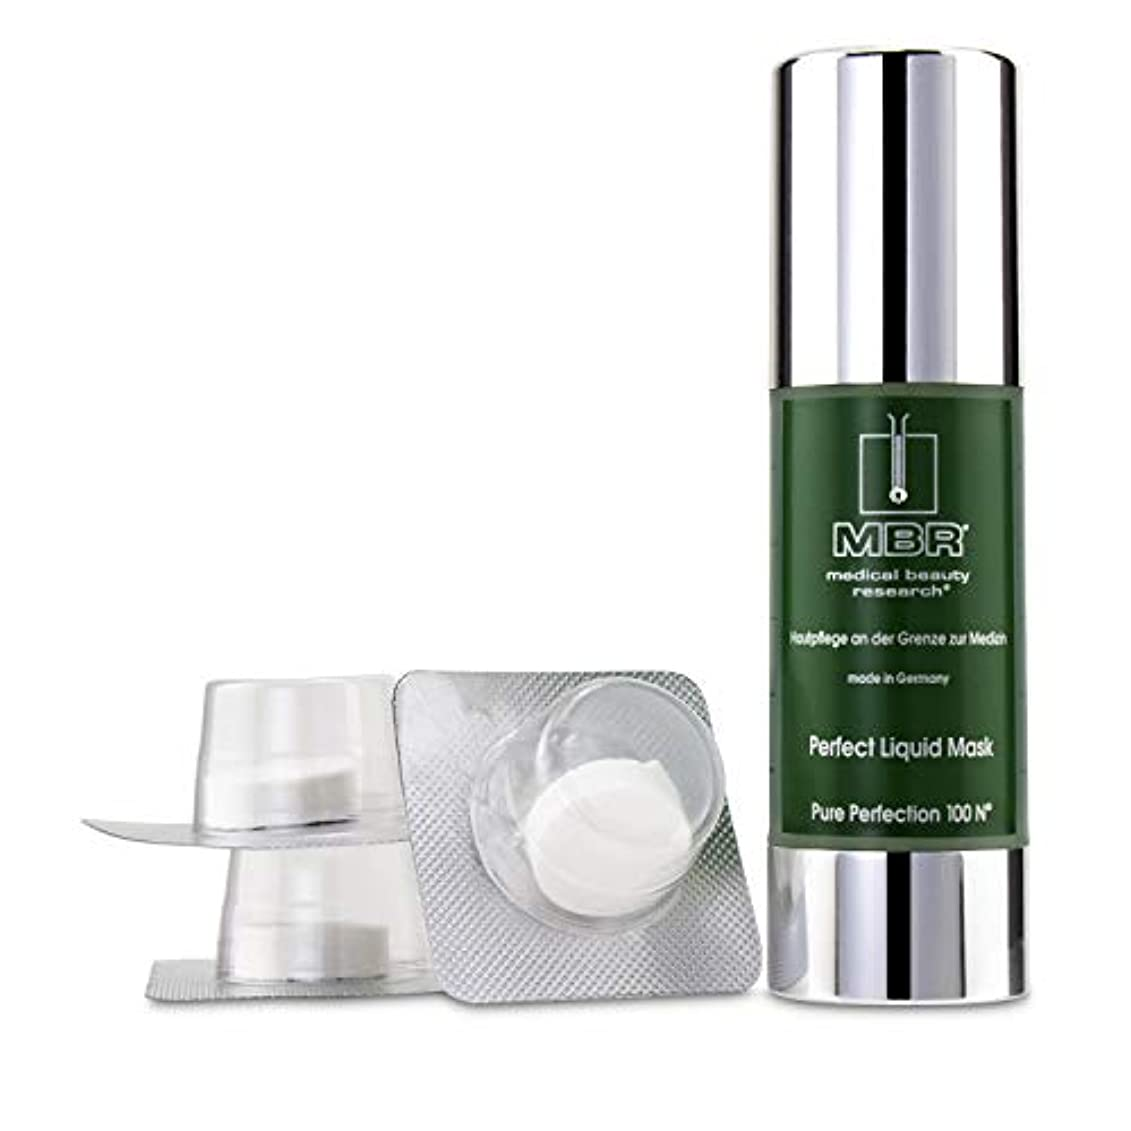 フェデレーション表現換気MBR Medical Beauty Research Pure Perfection 100N Perfect Liquid Mask 6applications並行輸入品